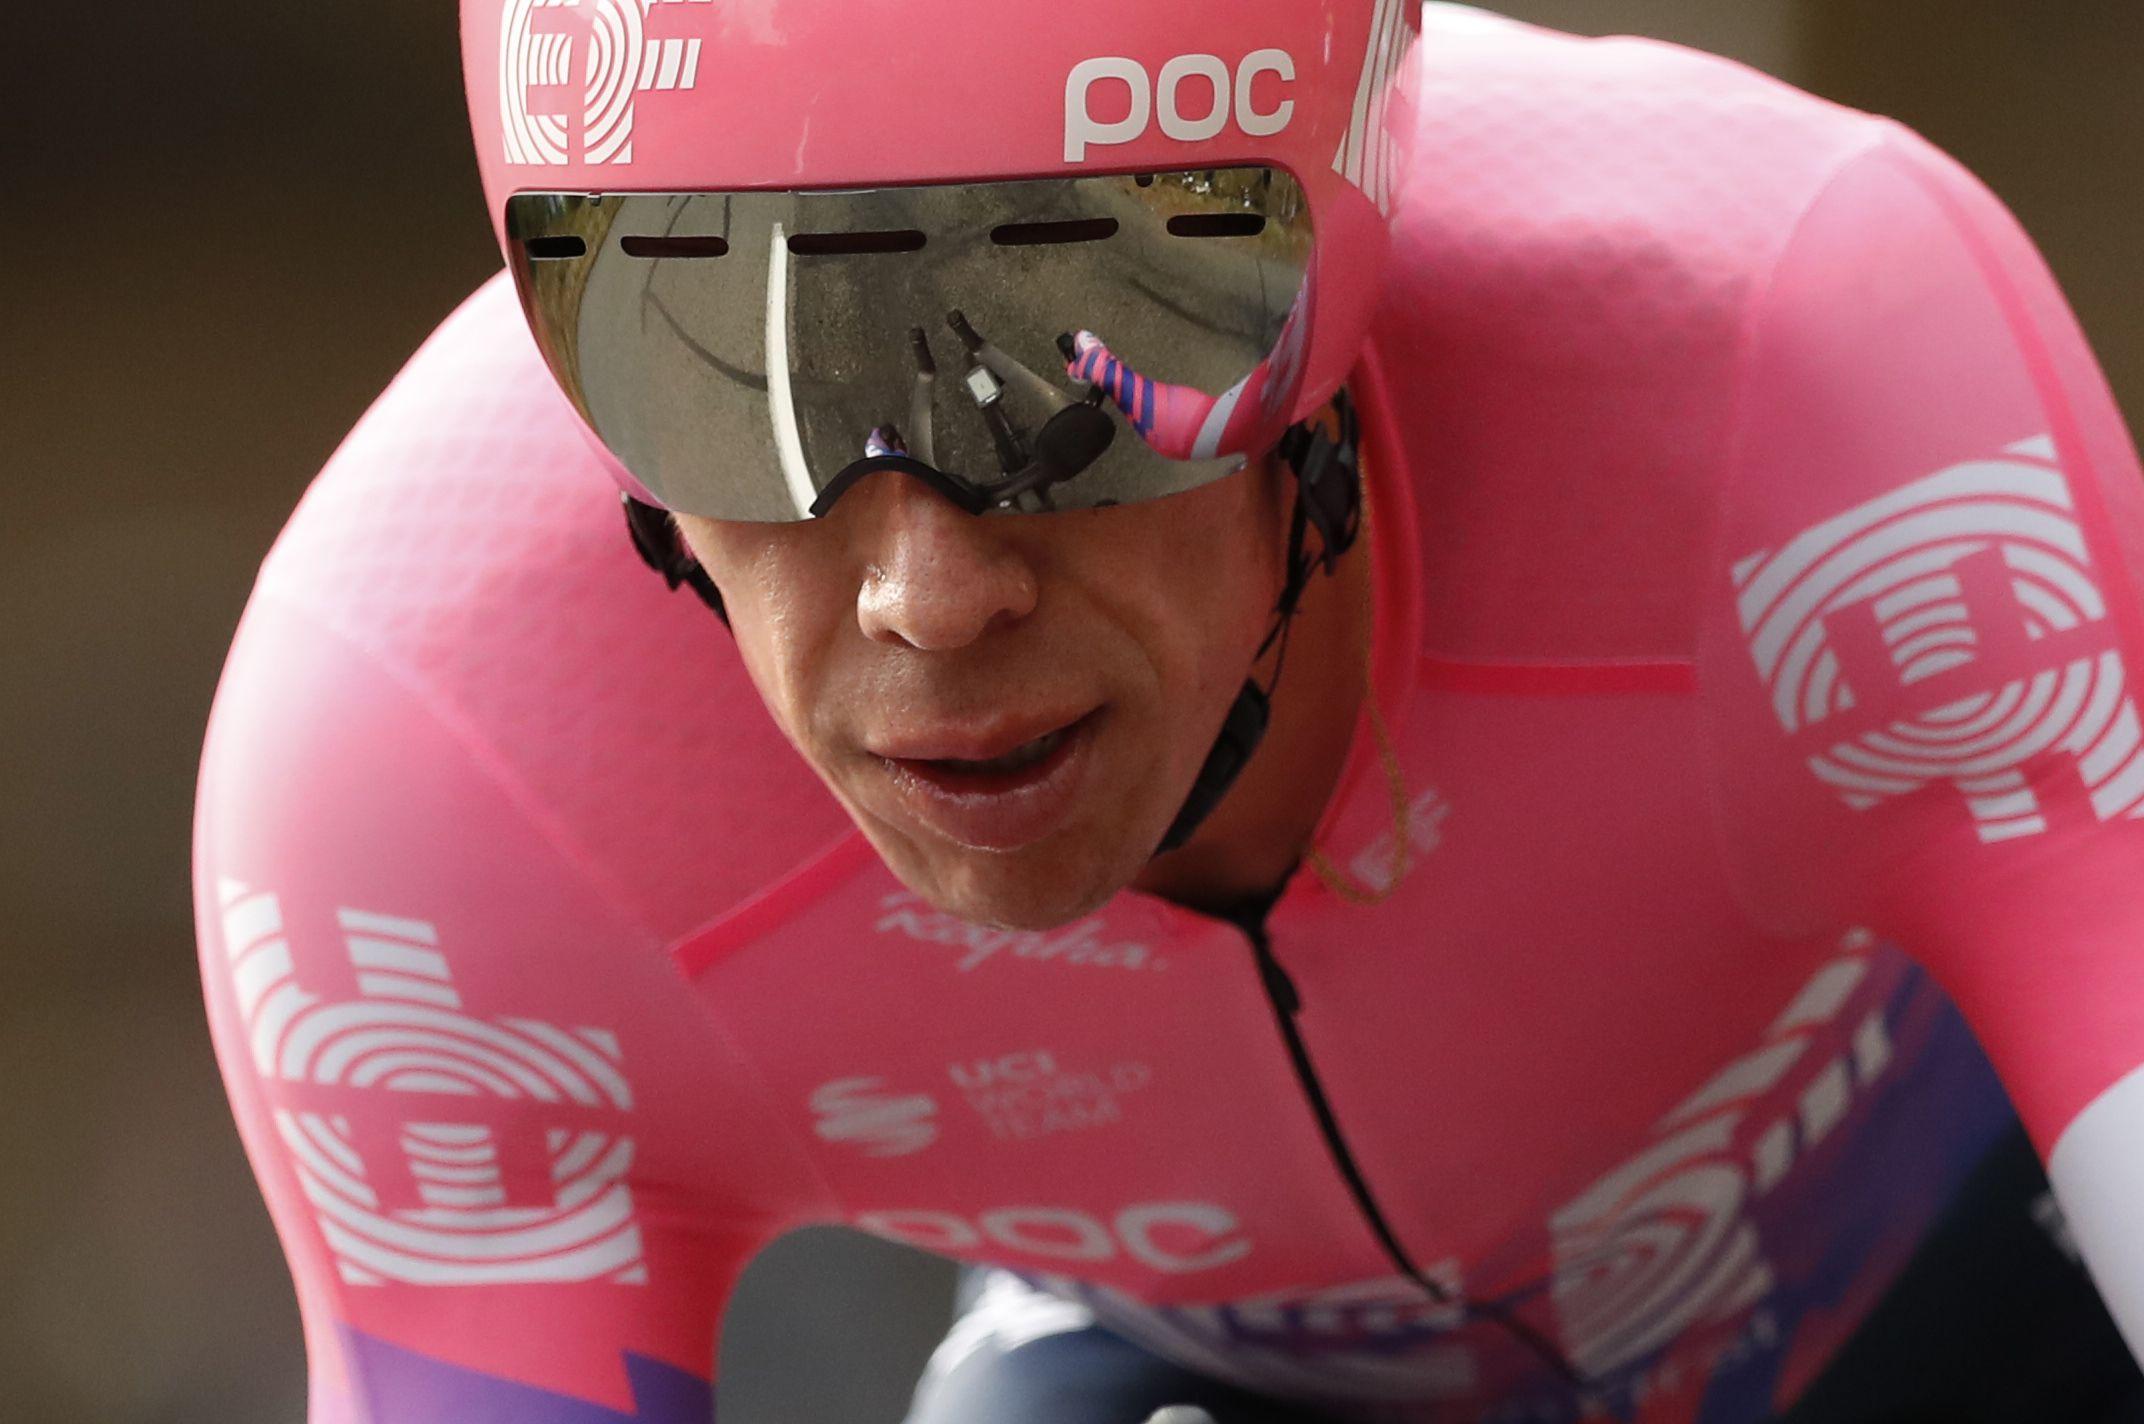 EF Pro Cycling rider Rigoberto Uran en Vuelta a Suiza 2021 REUTERS/Stephane Mahe